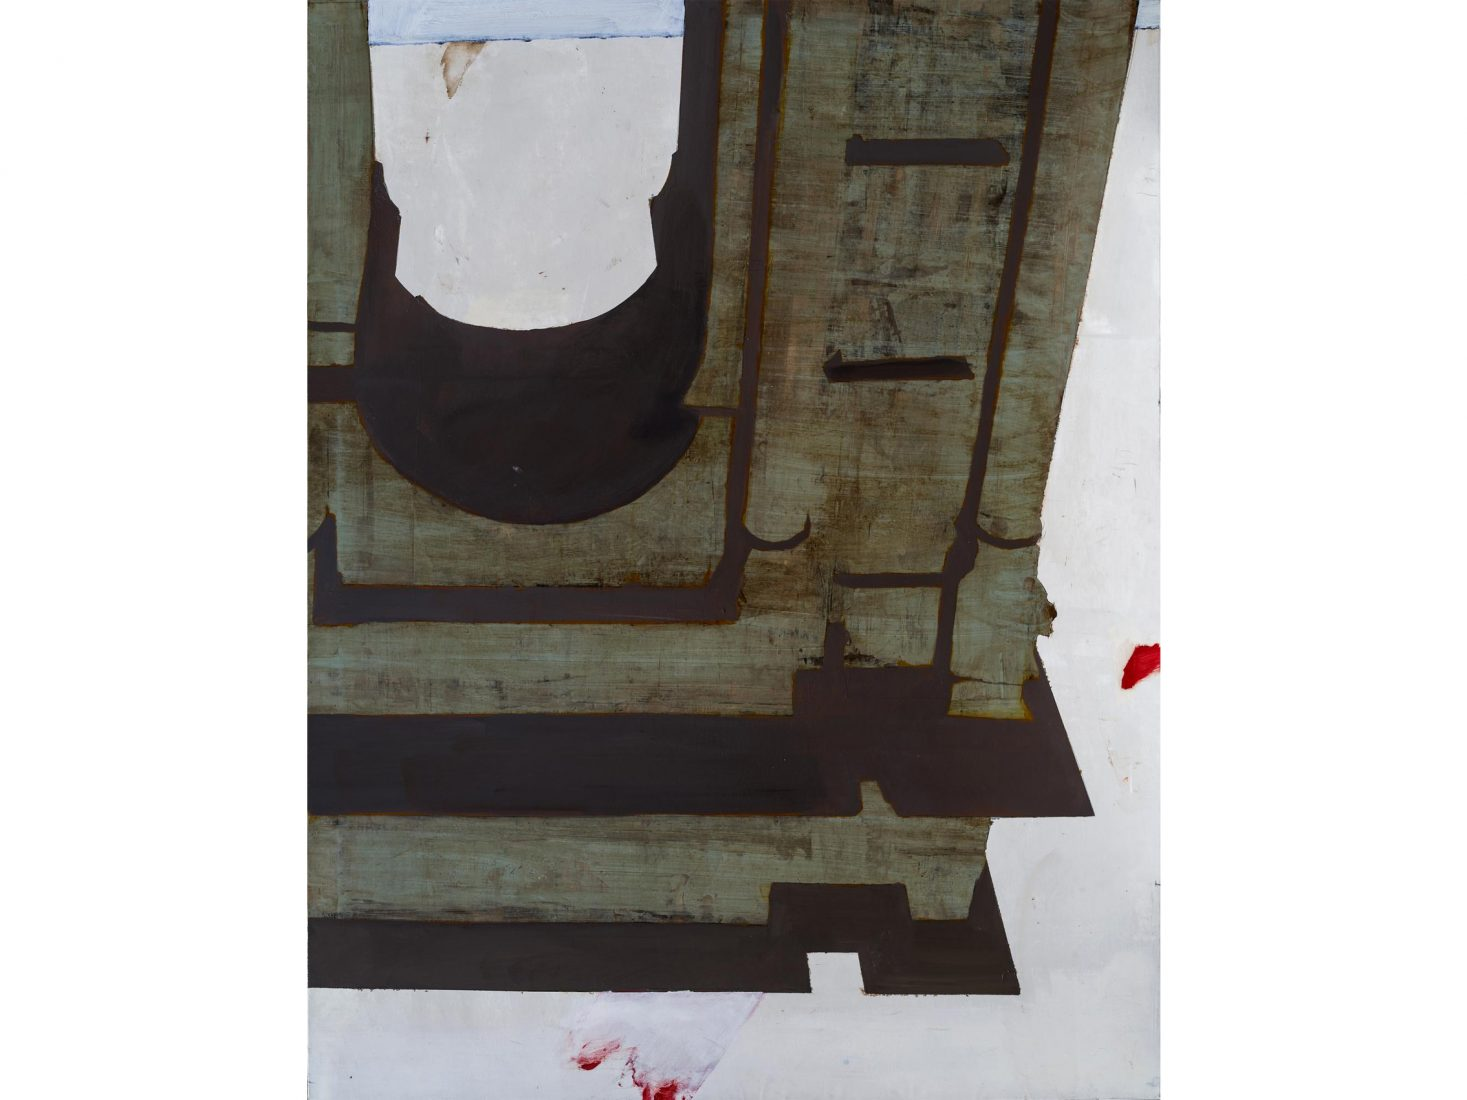 Иво Бистрички. Империя, 2021, акрил, платно, 150x120x3 см